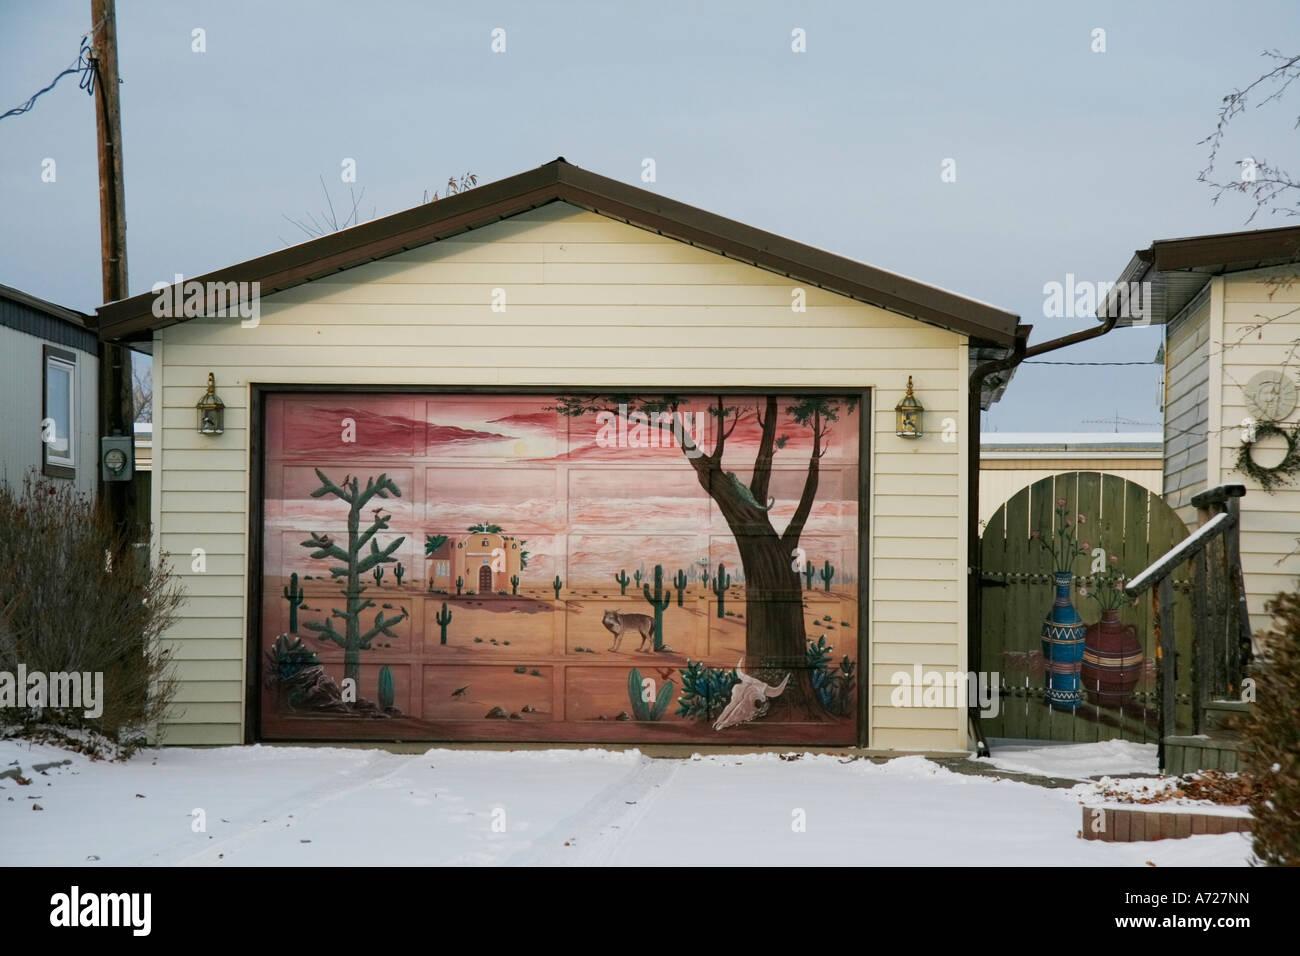 Mural painting on garage door stock photo royalty free image mural painting on garage door rubansaba